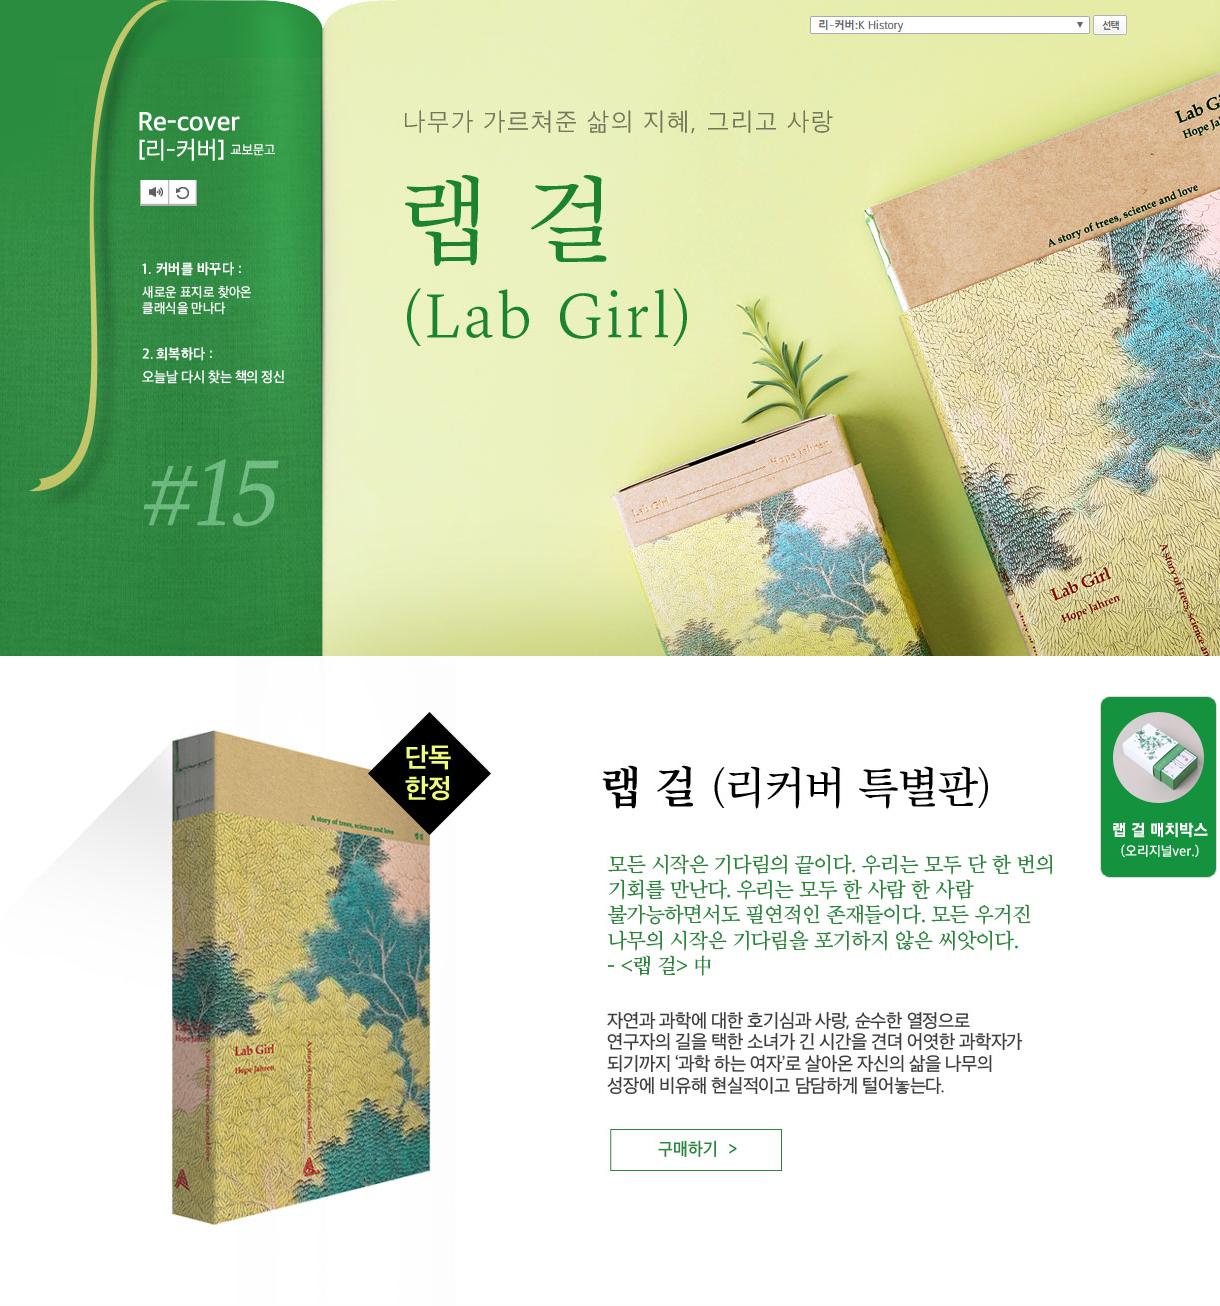 랩 걸 (Lab Girl) - 호프 자런, 리커버 2종